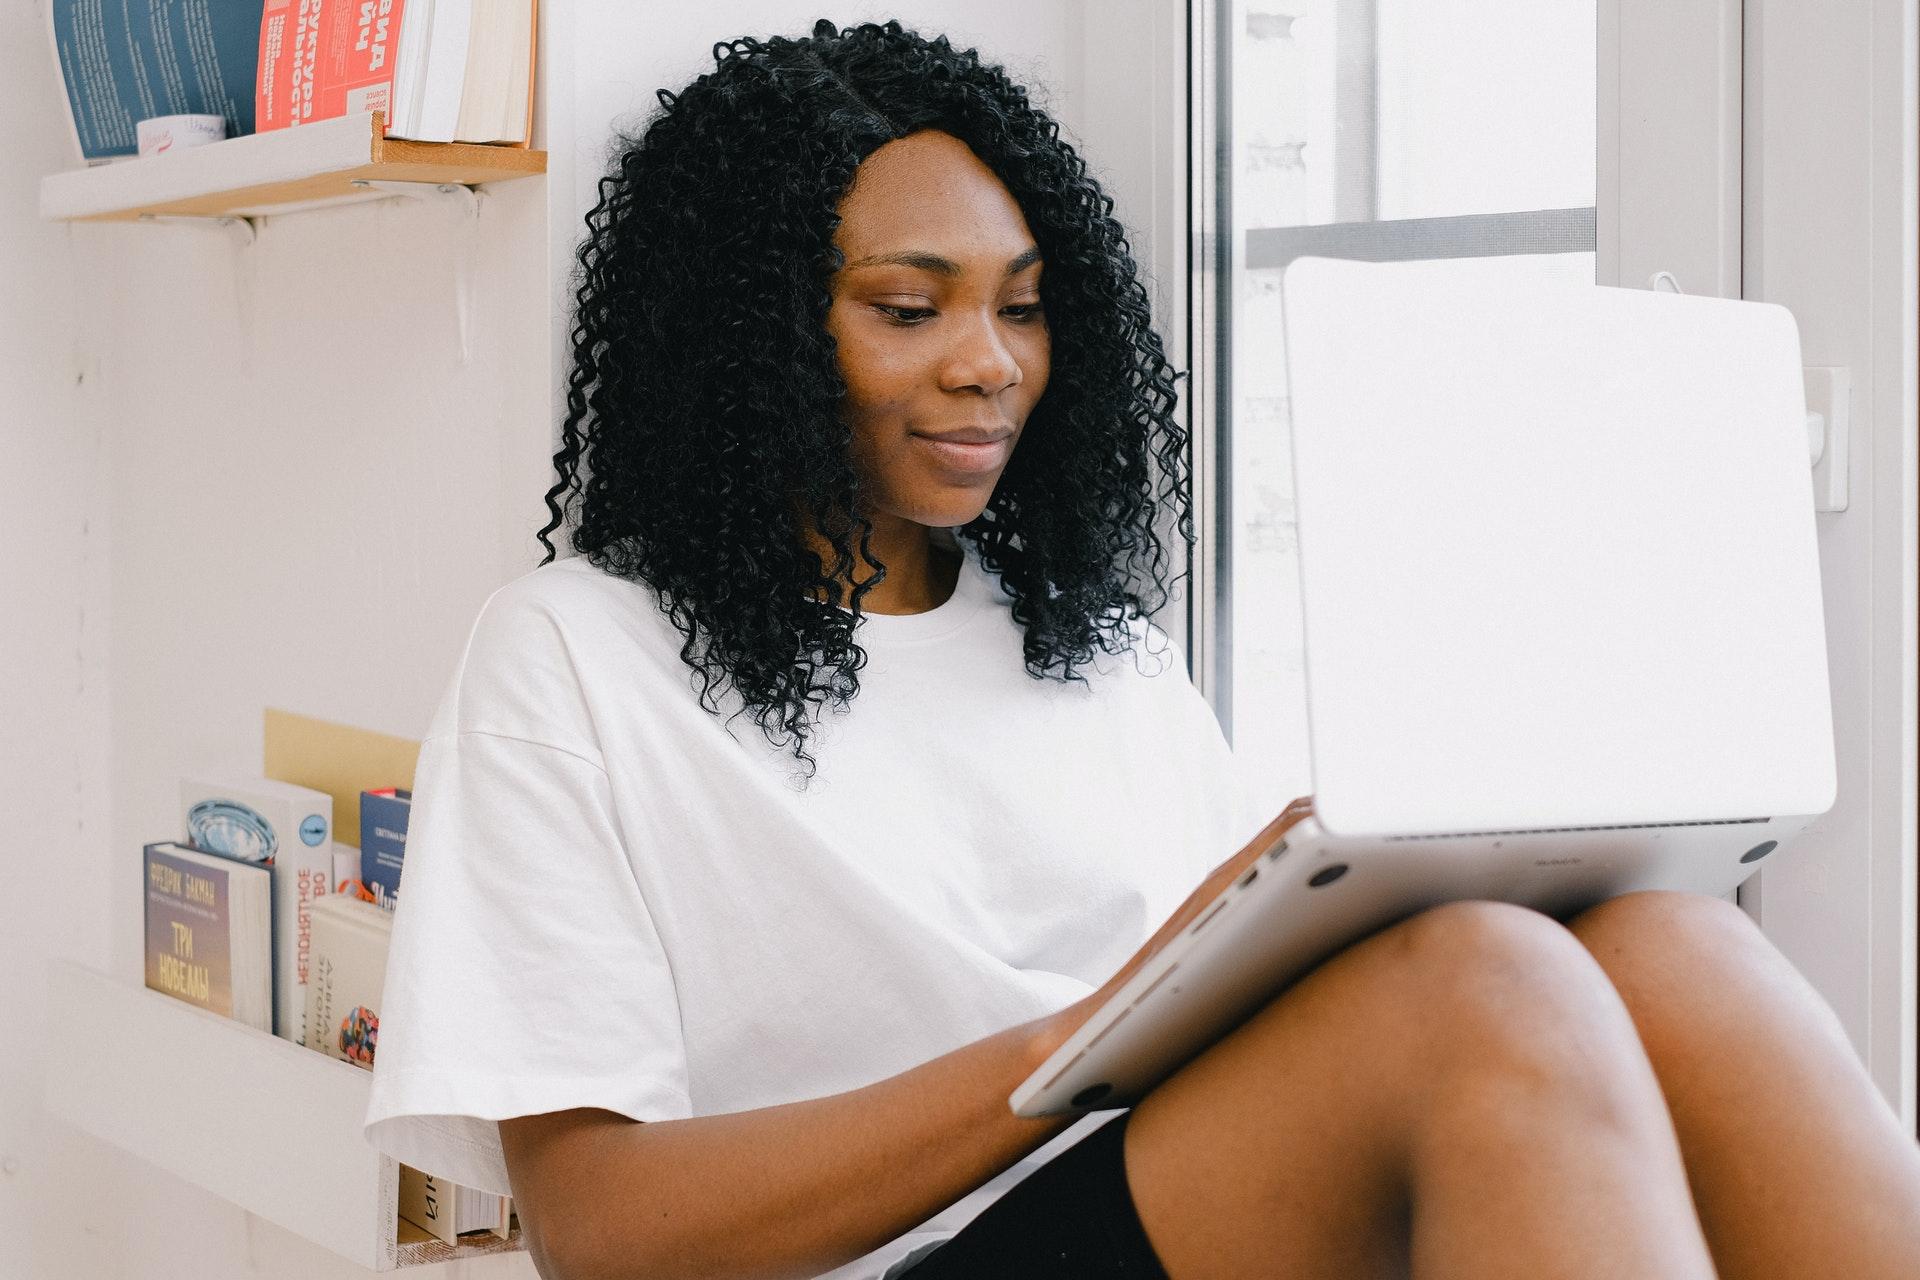 Vemos uma uma mulher sentada no sofá de casa enquanto mexe em seu computador (imagem ilustrativa). Texto: empreender em casa.